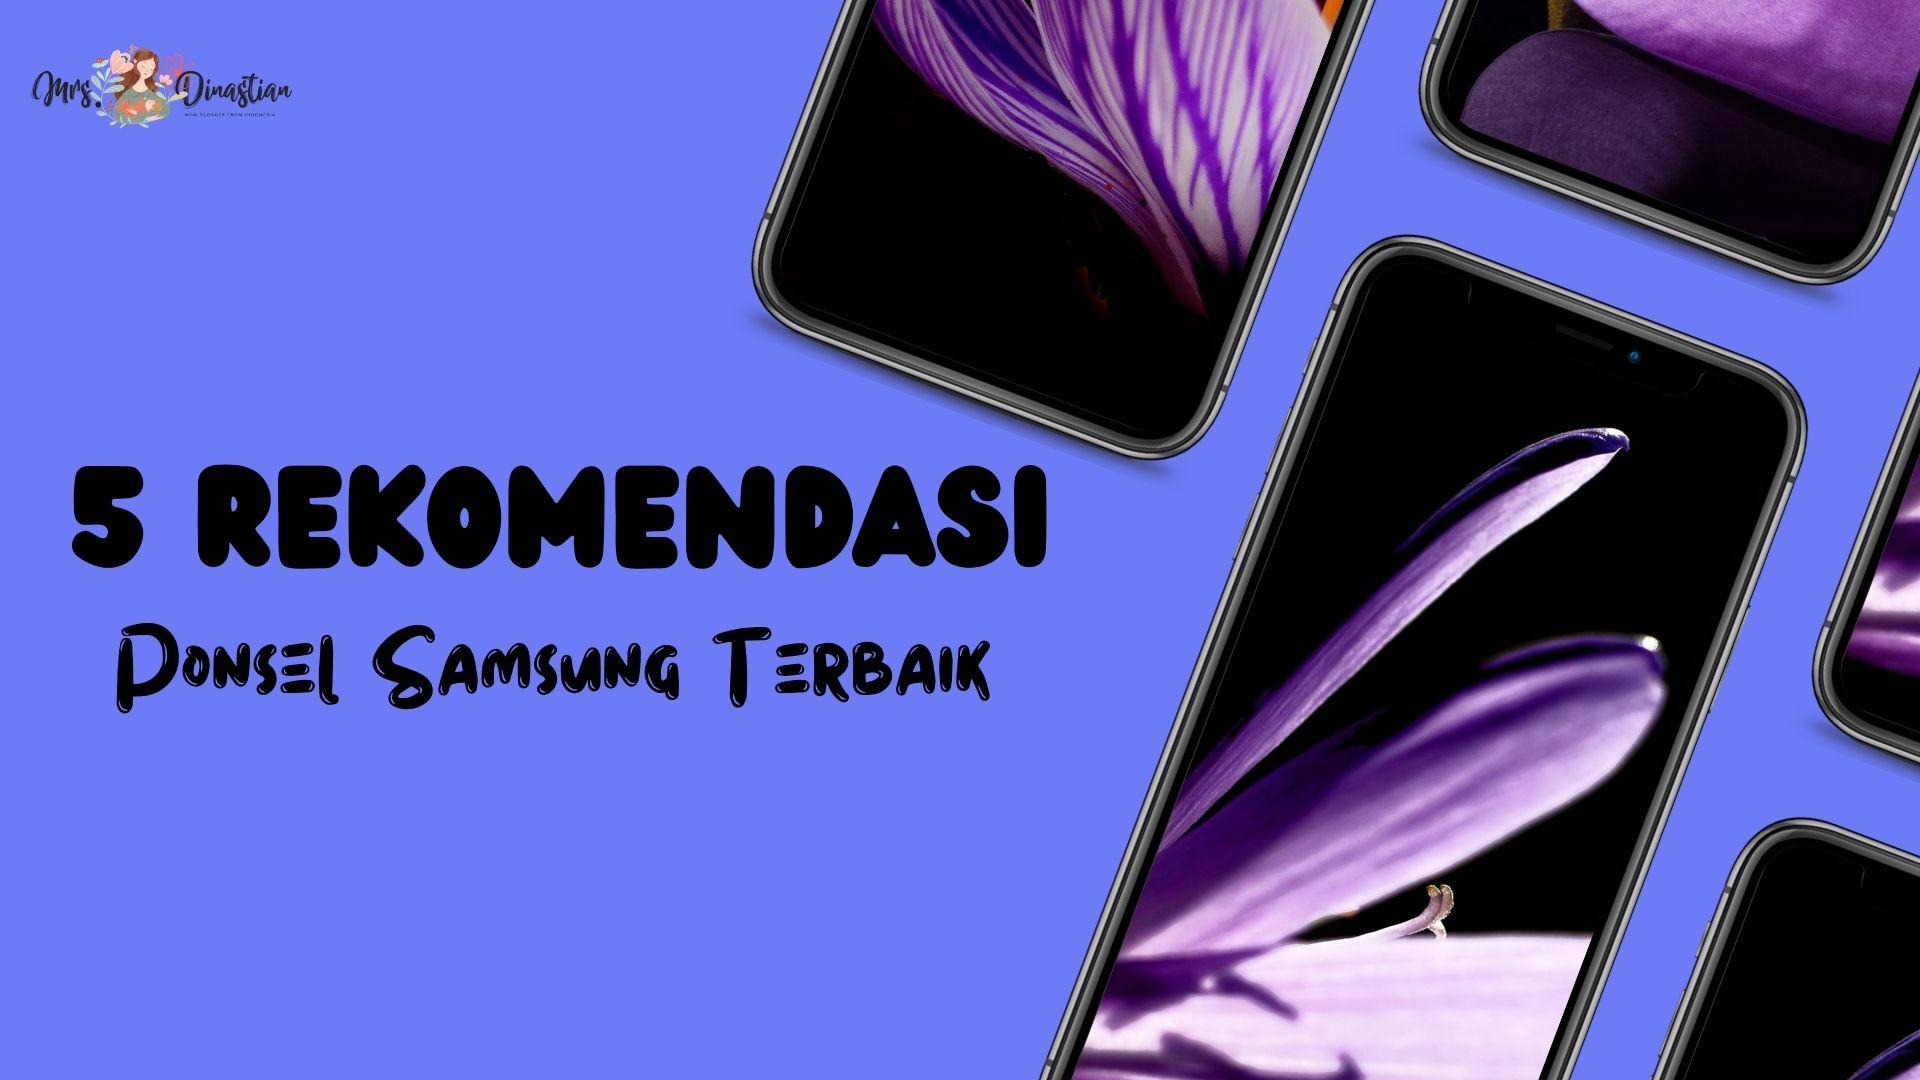 5 Rekomendasi Ponsel Samsung Terbaik